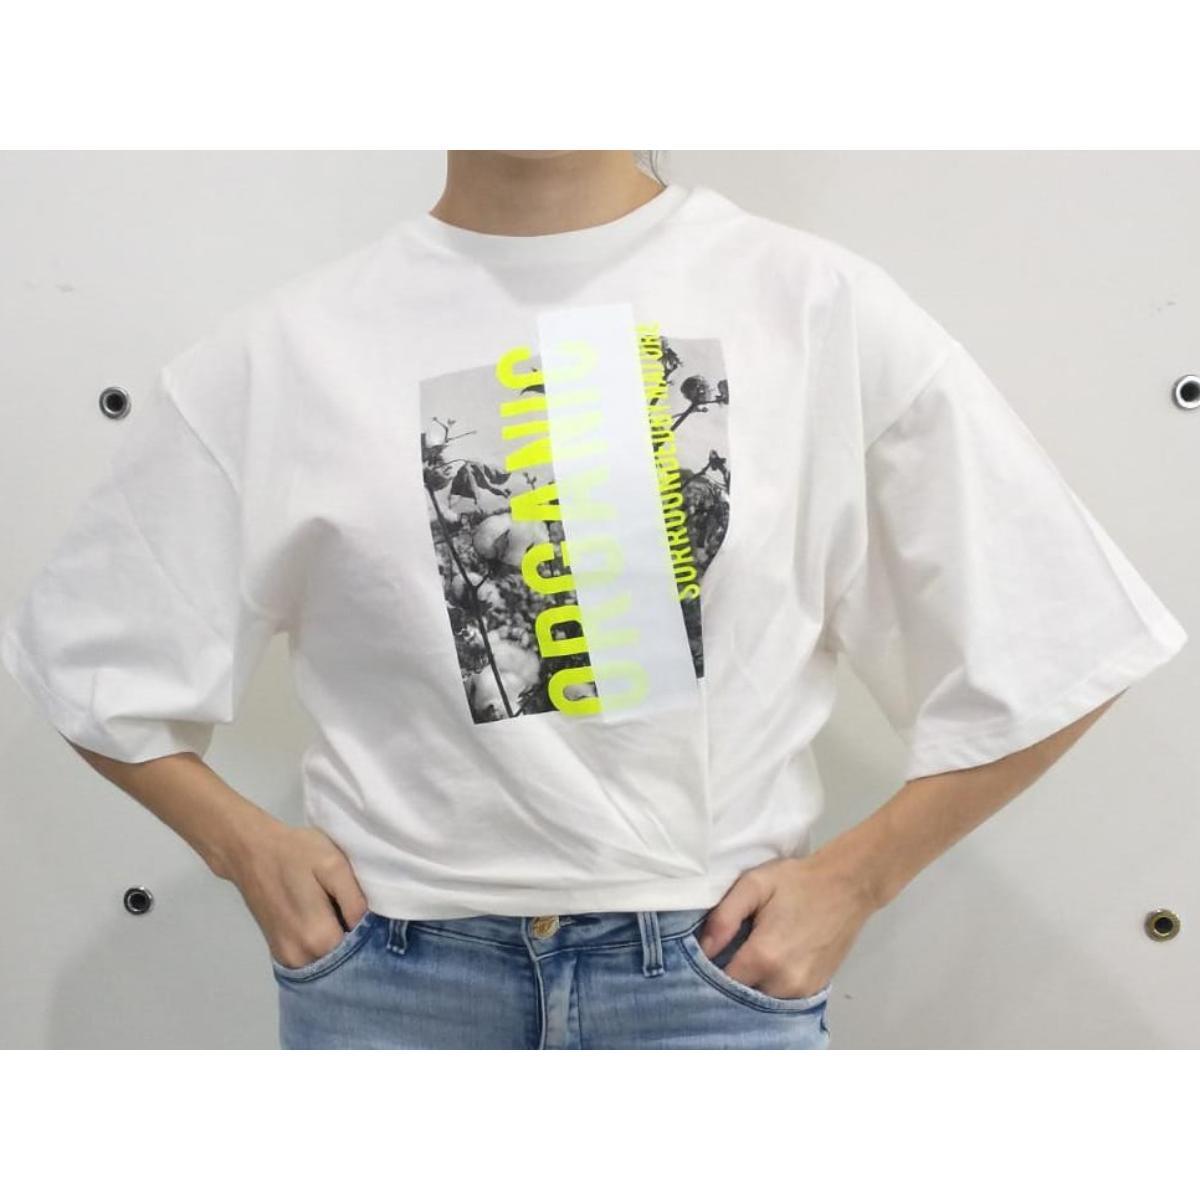 Camiseta Feminina Forum 344602293 58529 Off White